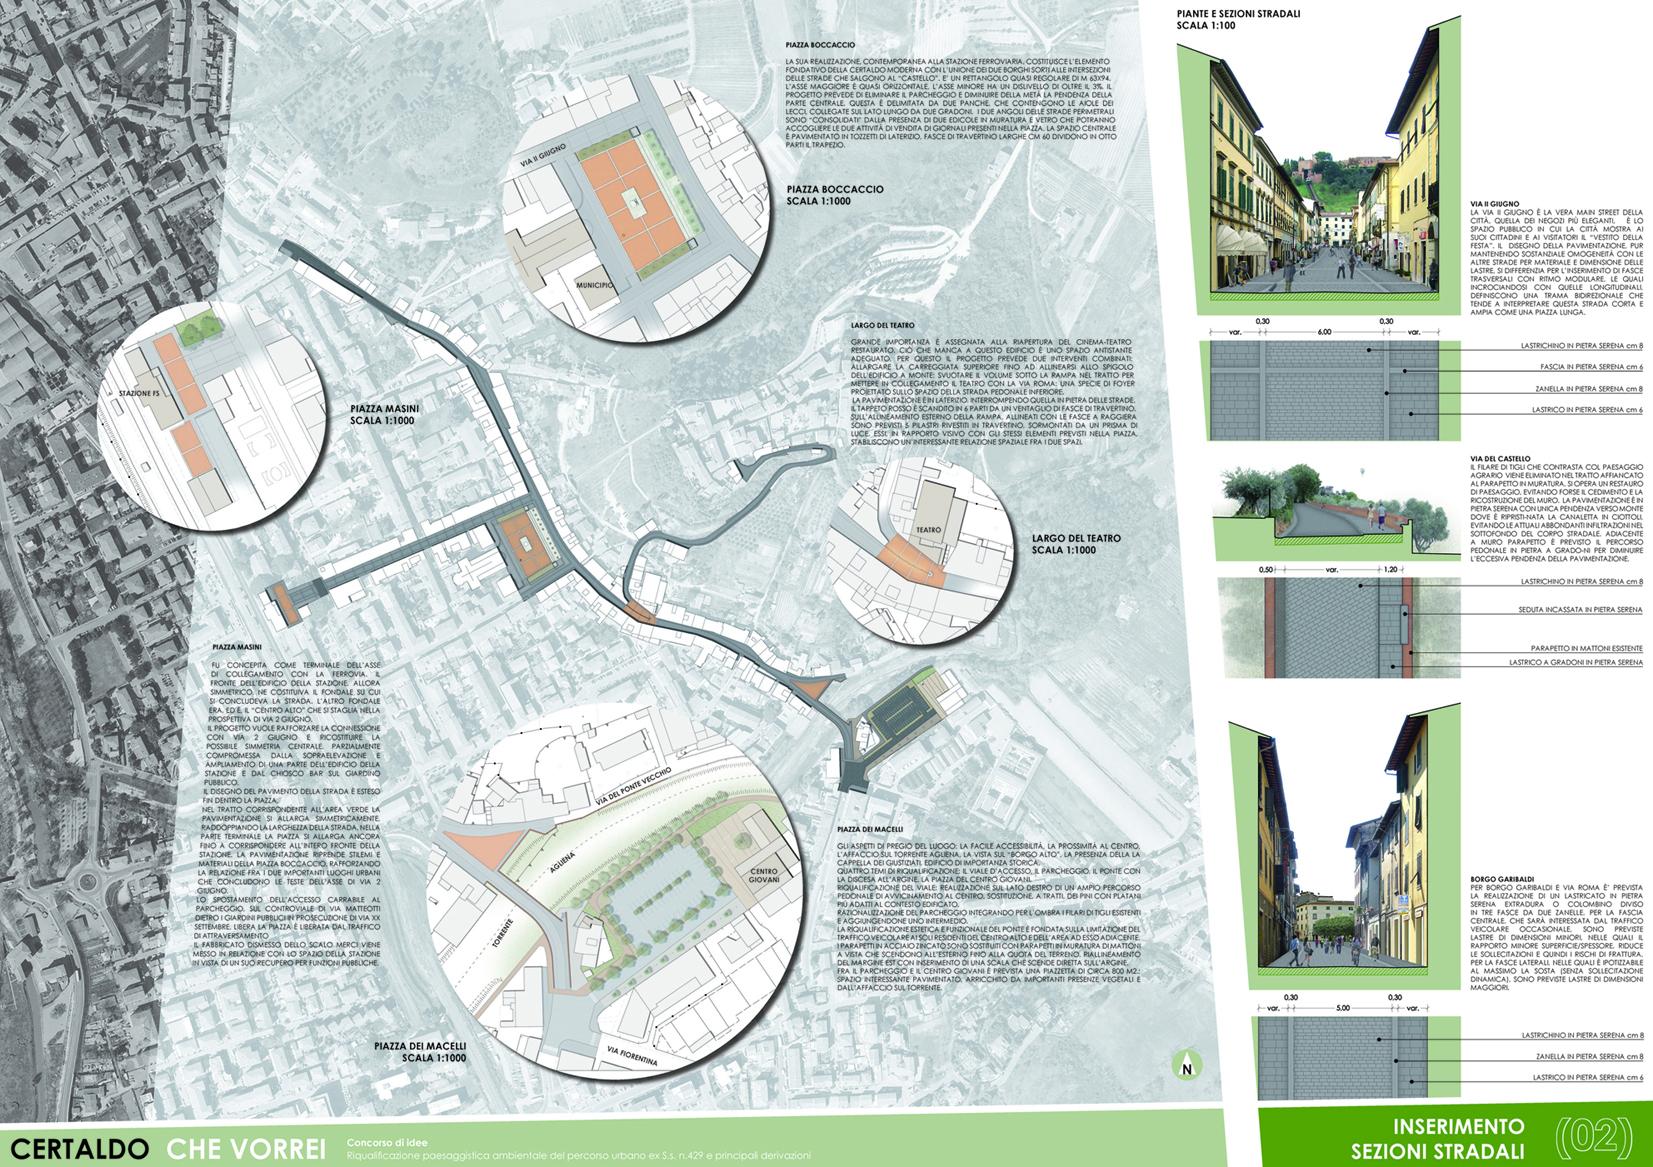 Piazza boccaccio francesco barbagli architetto - Tavole di concorso architettura ...